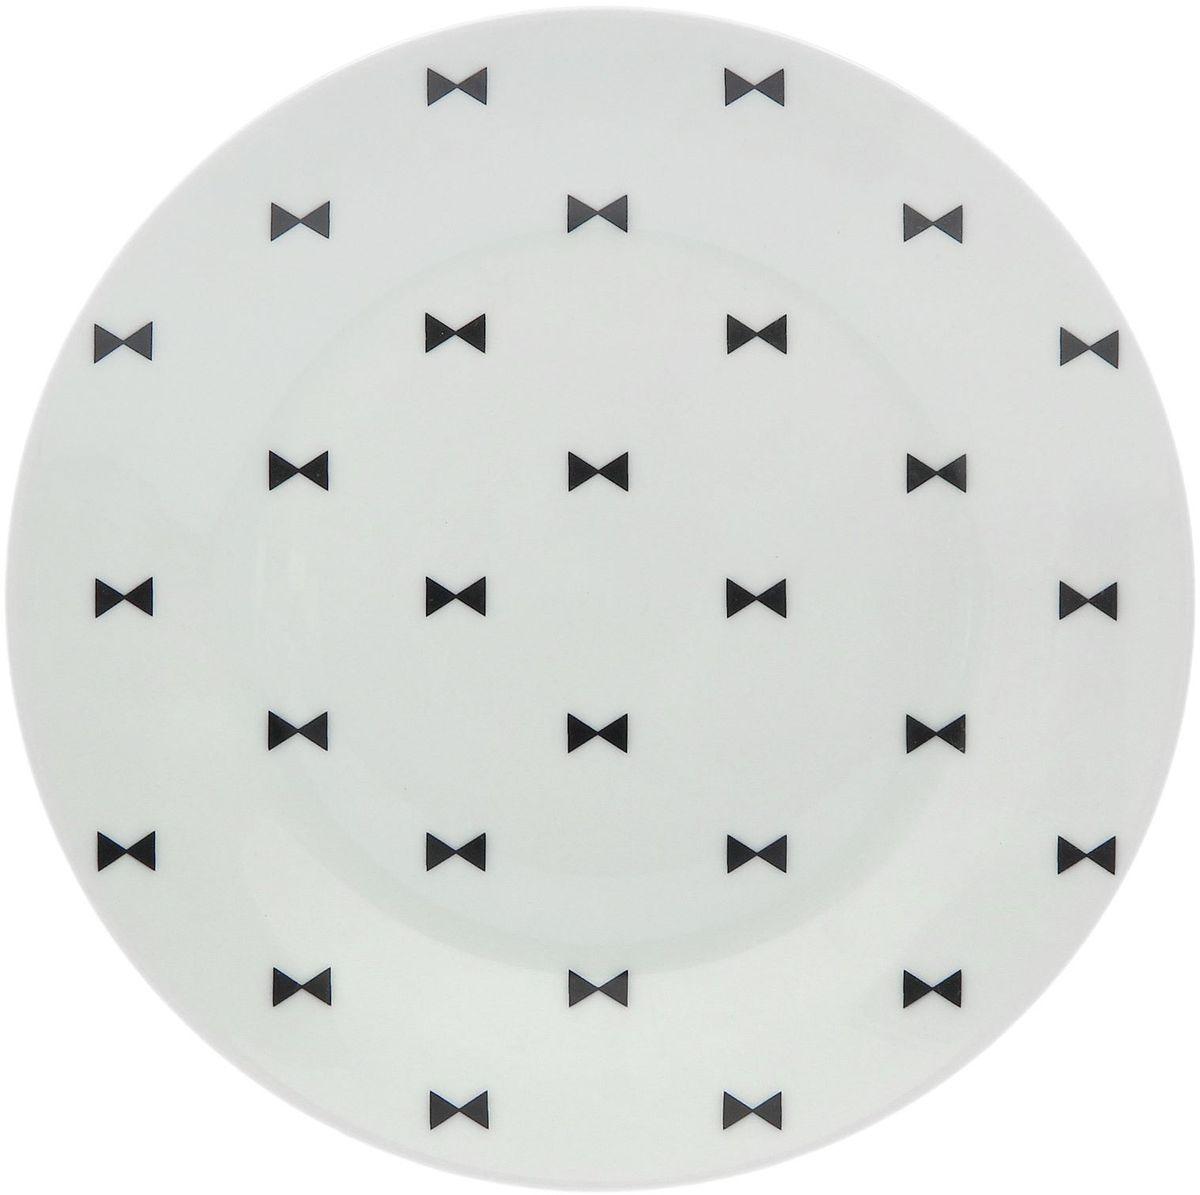 Тарелка мелкая Сотвори чудо Бантик, диаметр 20 см1996302Хотите обновить интерьер кухни или гостиной? Устраиваете необычную фотосессию или тематический праздник? А может, просто ищете подарок для близкого человека? Посуда Сотвори Чудо — правильный выбор в любой ситуации. Тарелка Сотвори Чудо, изготовленная из изящного фаянса нежного сливочного цвета, оформлена оригинальным рисунком со стойкой краской. Пригодна для посудомоечной машины.